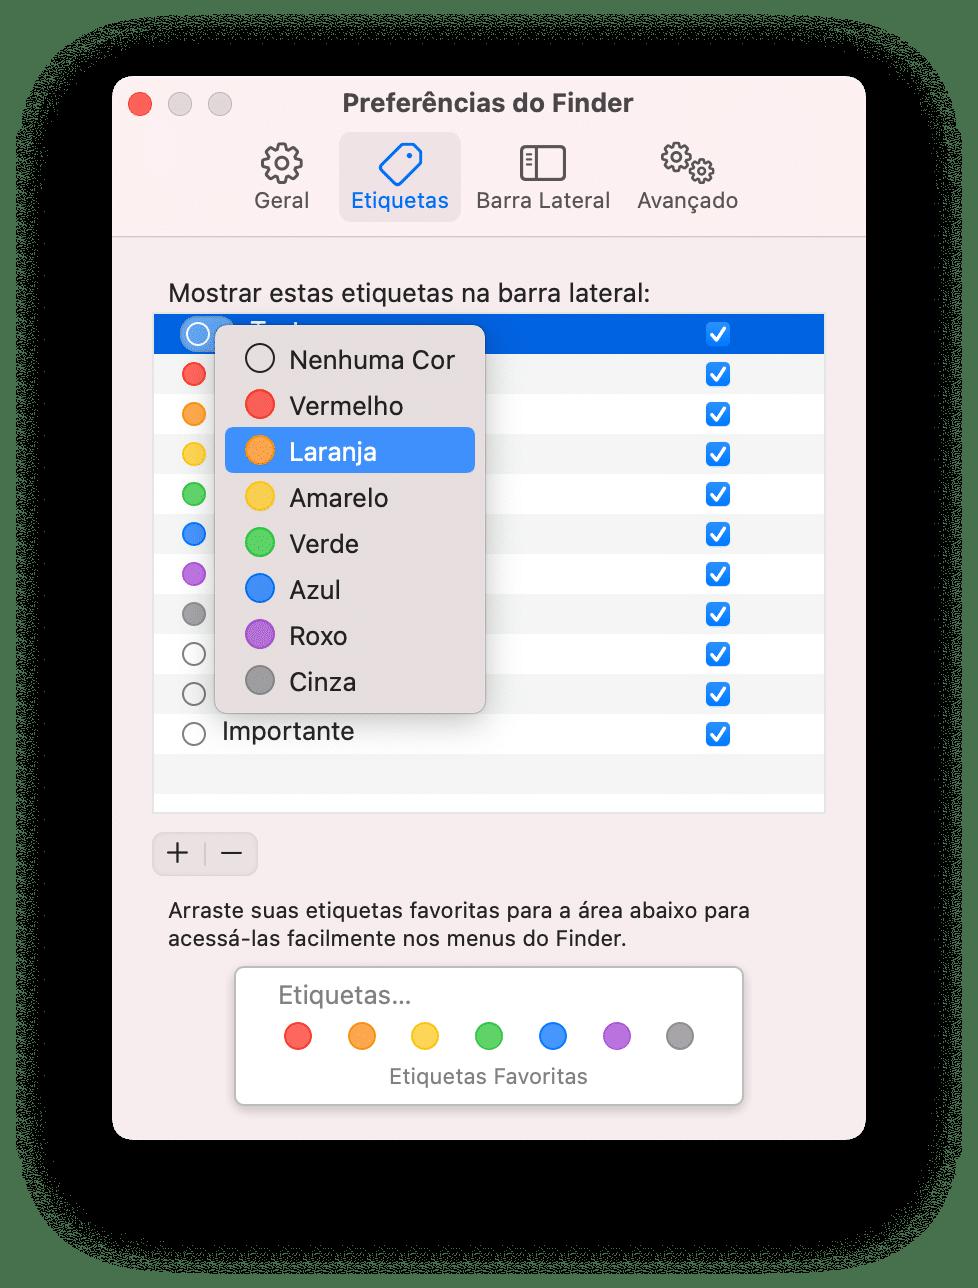 Usando as etiquetas do Finder